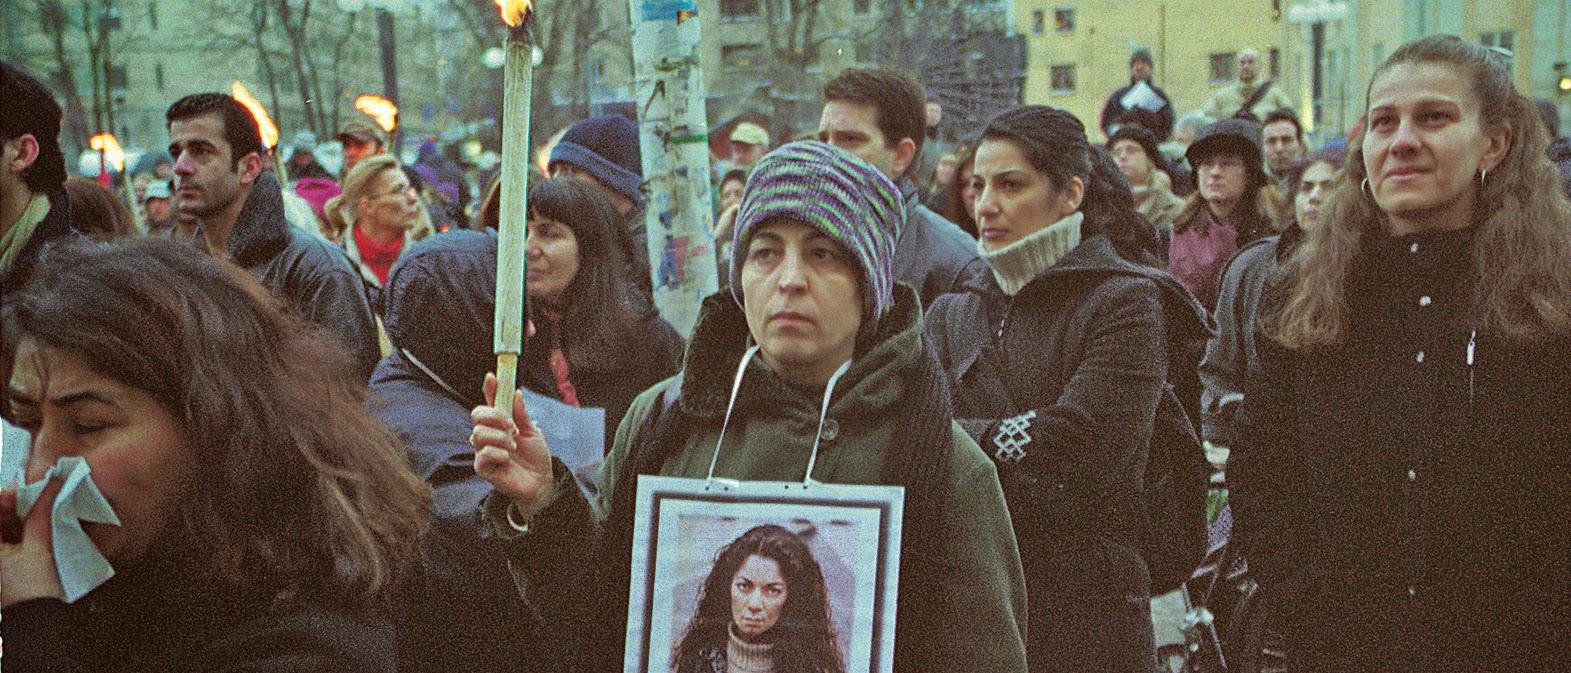 Taxiforare demonstrerade mot fardtjanstavtal